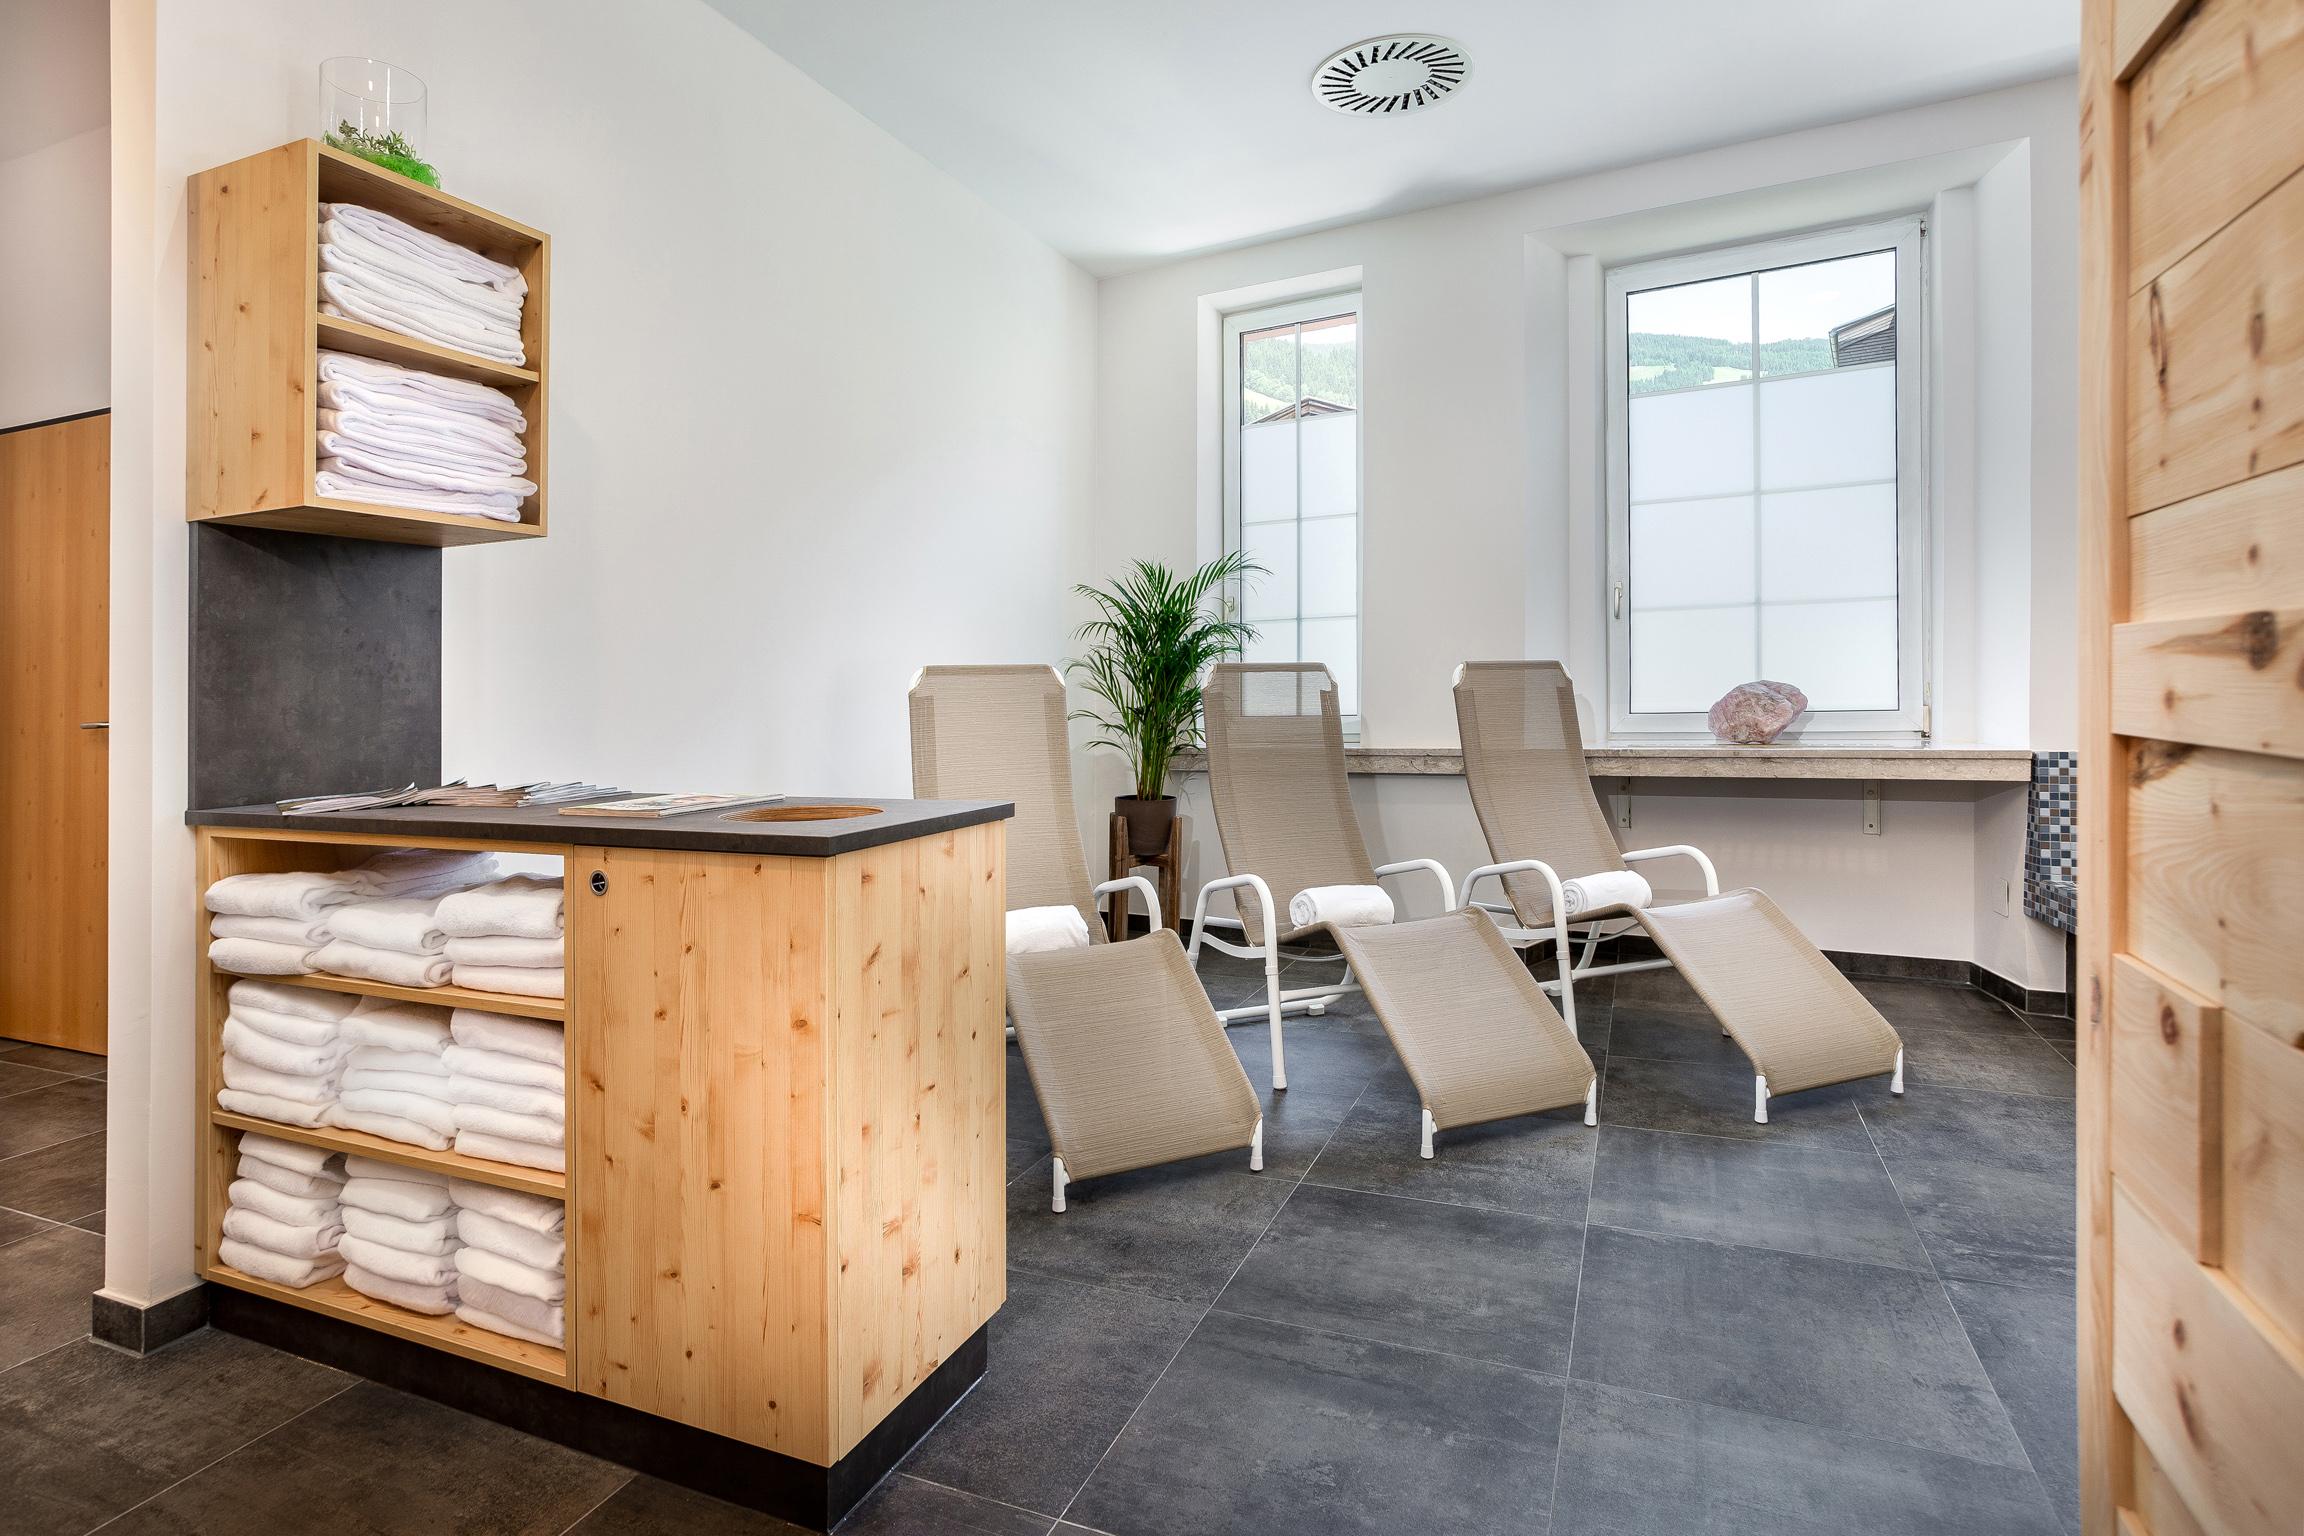 Sie sehen den Wellnessbereich mit Liegestühlen und Handtüchern im JUFA Alpenhotel Saalbach. Der Ort für erholsamen Familienurlaub und einen unvergesslichen Winter- und Wanderurlaub.